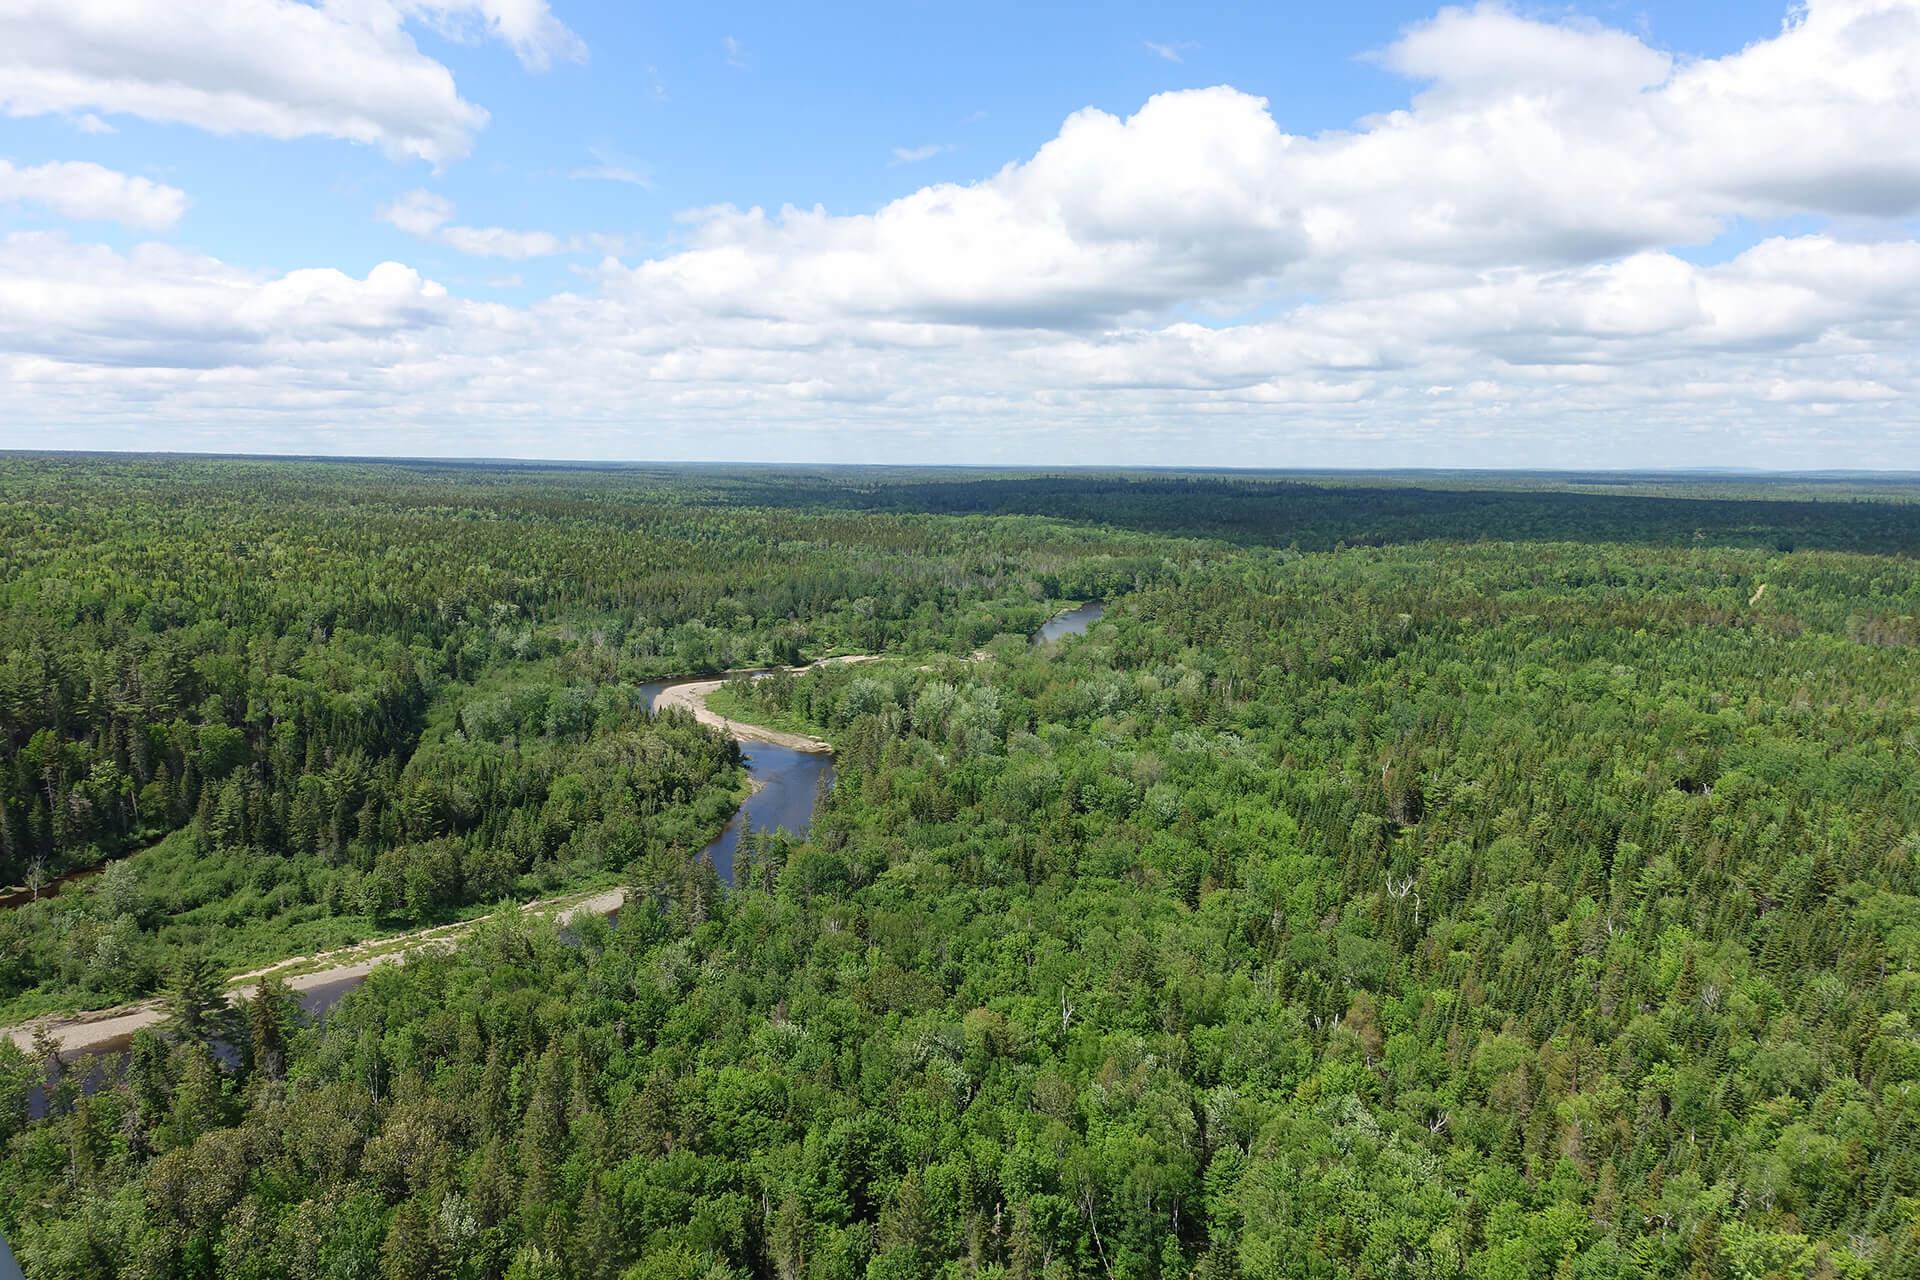 Waldflächen in Doaktown New Brunswick